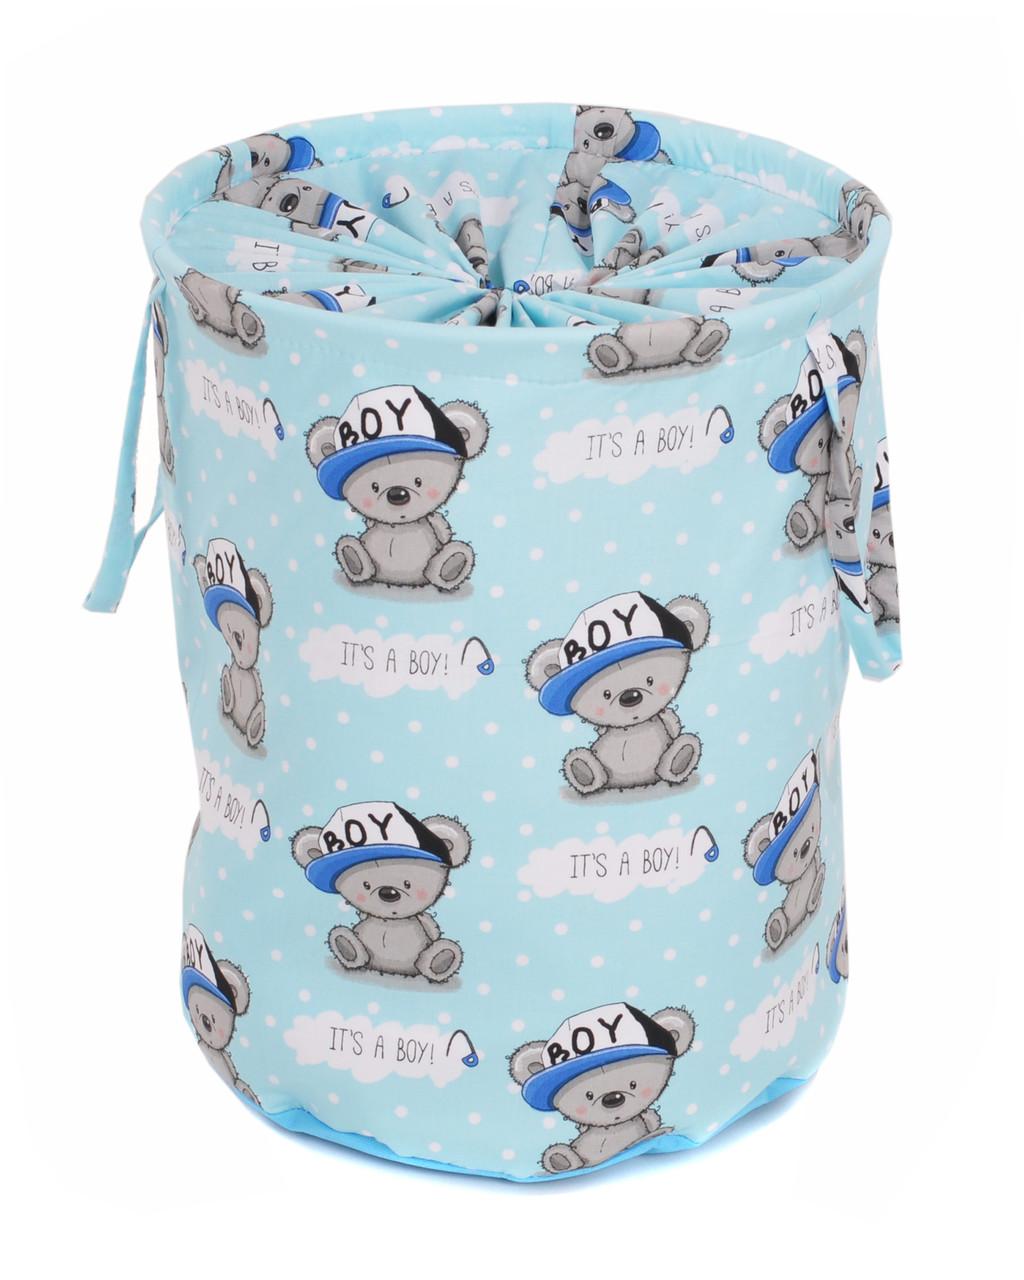 Мешок для хранения игрушек, 35 * 40 см, (хлопок), Мишка мальчик на синем